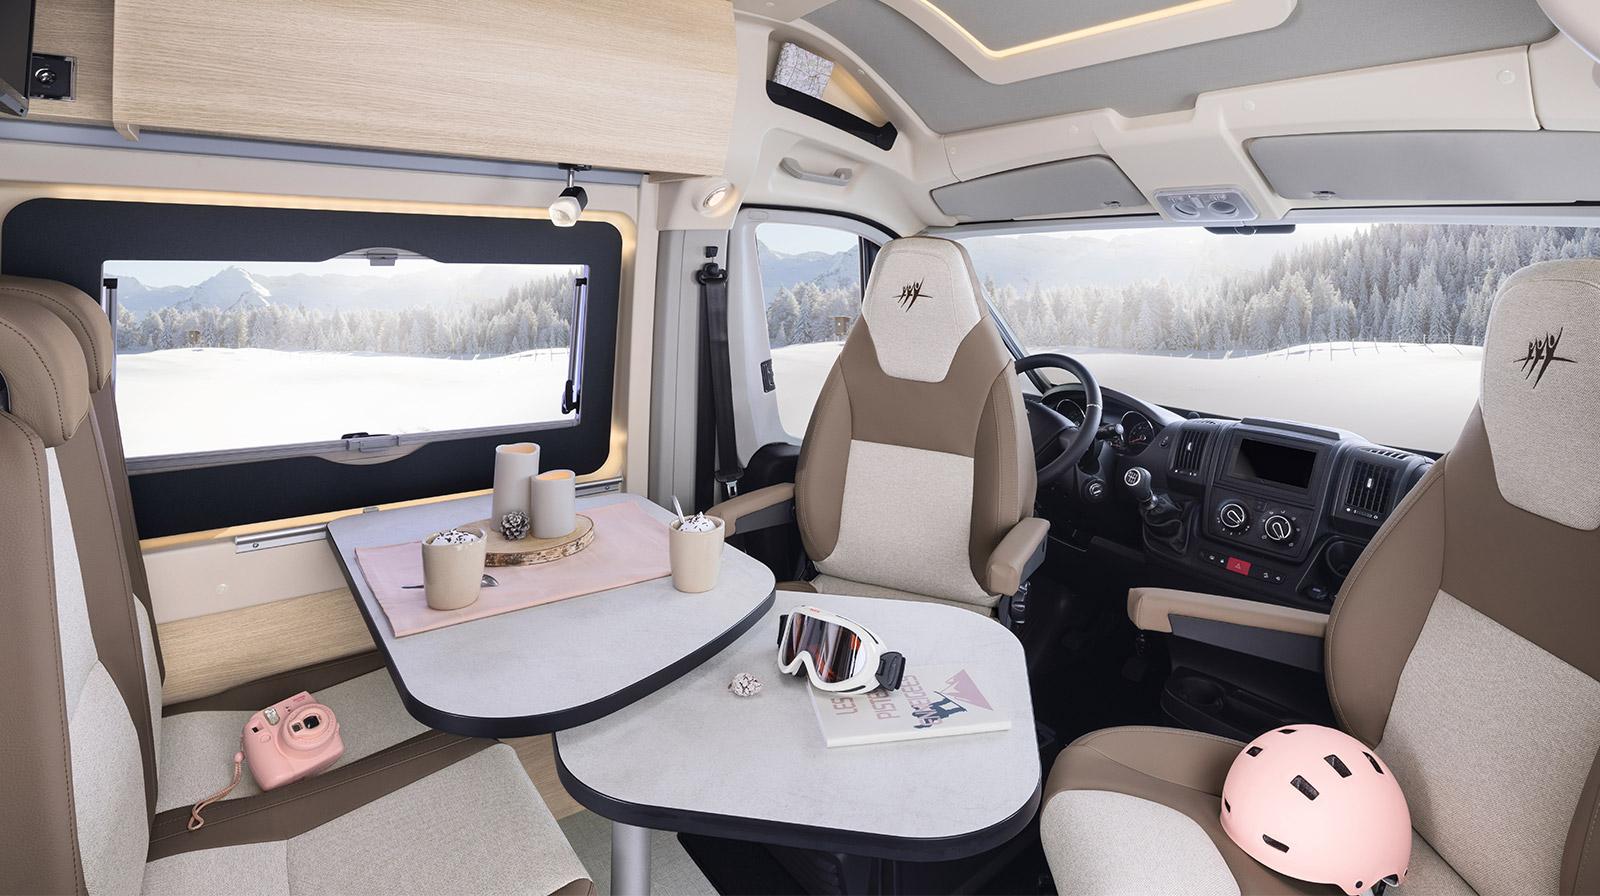 le mod le v55 est un van rapido am nag compact et confortable. Black Bedroom Furniture Sets. Home Design Ideas